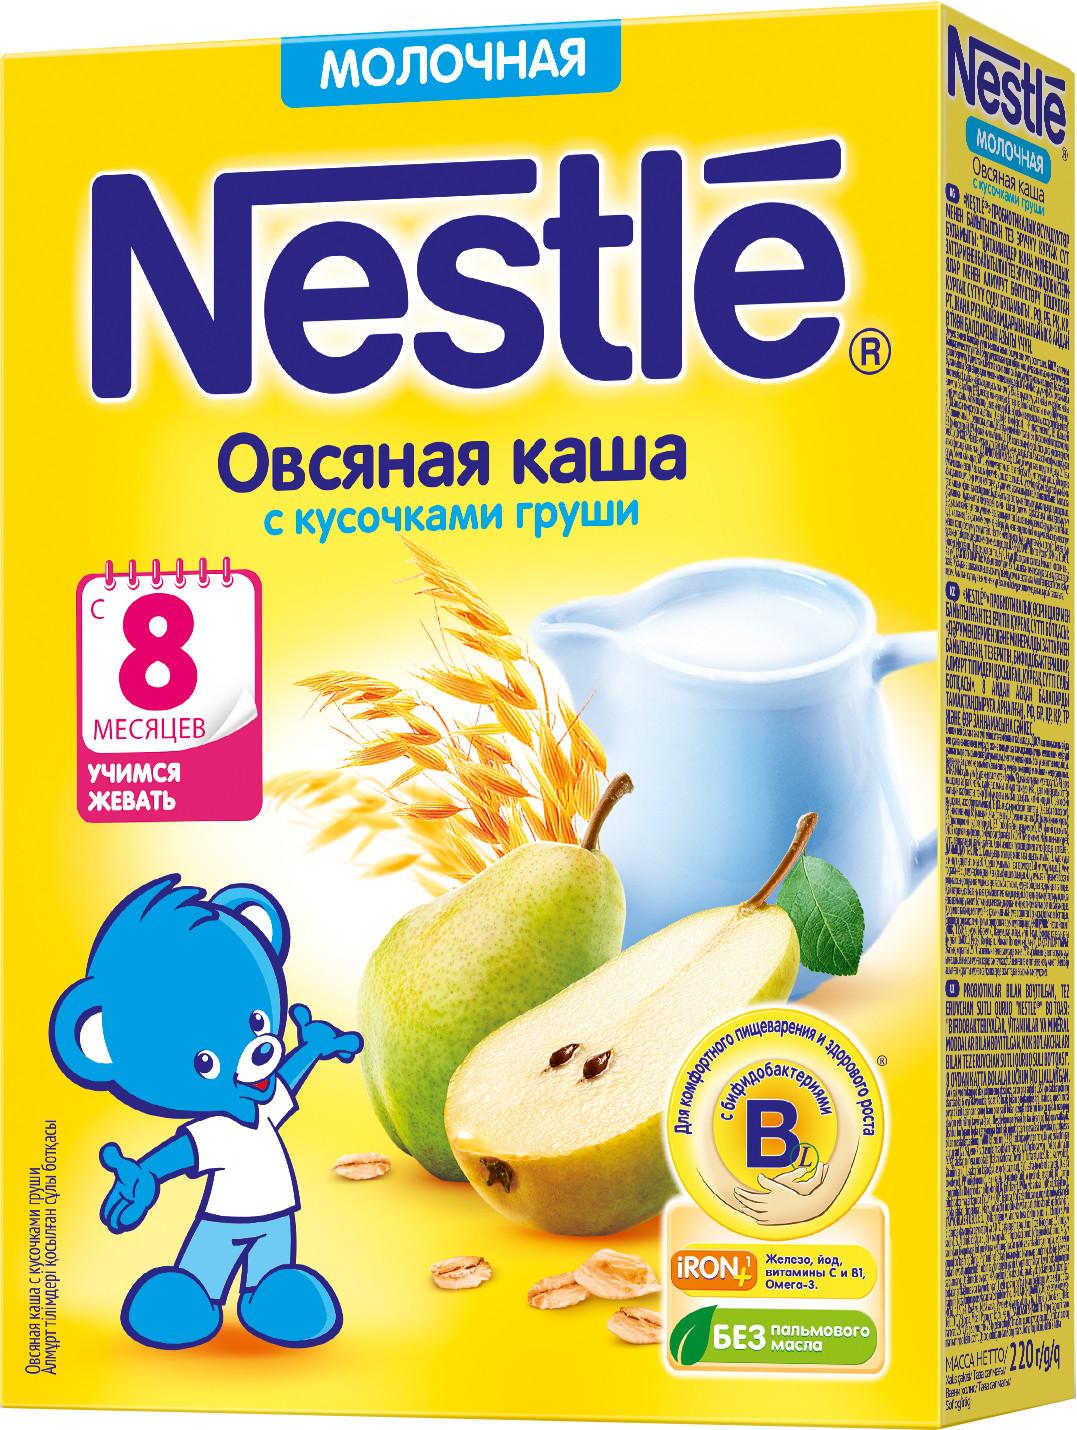 Каша Nestle Nestlé Молочная овсяная с грушей (с 8 месяцев) 220 г